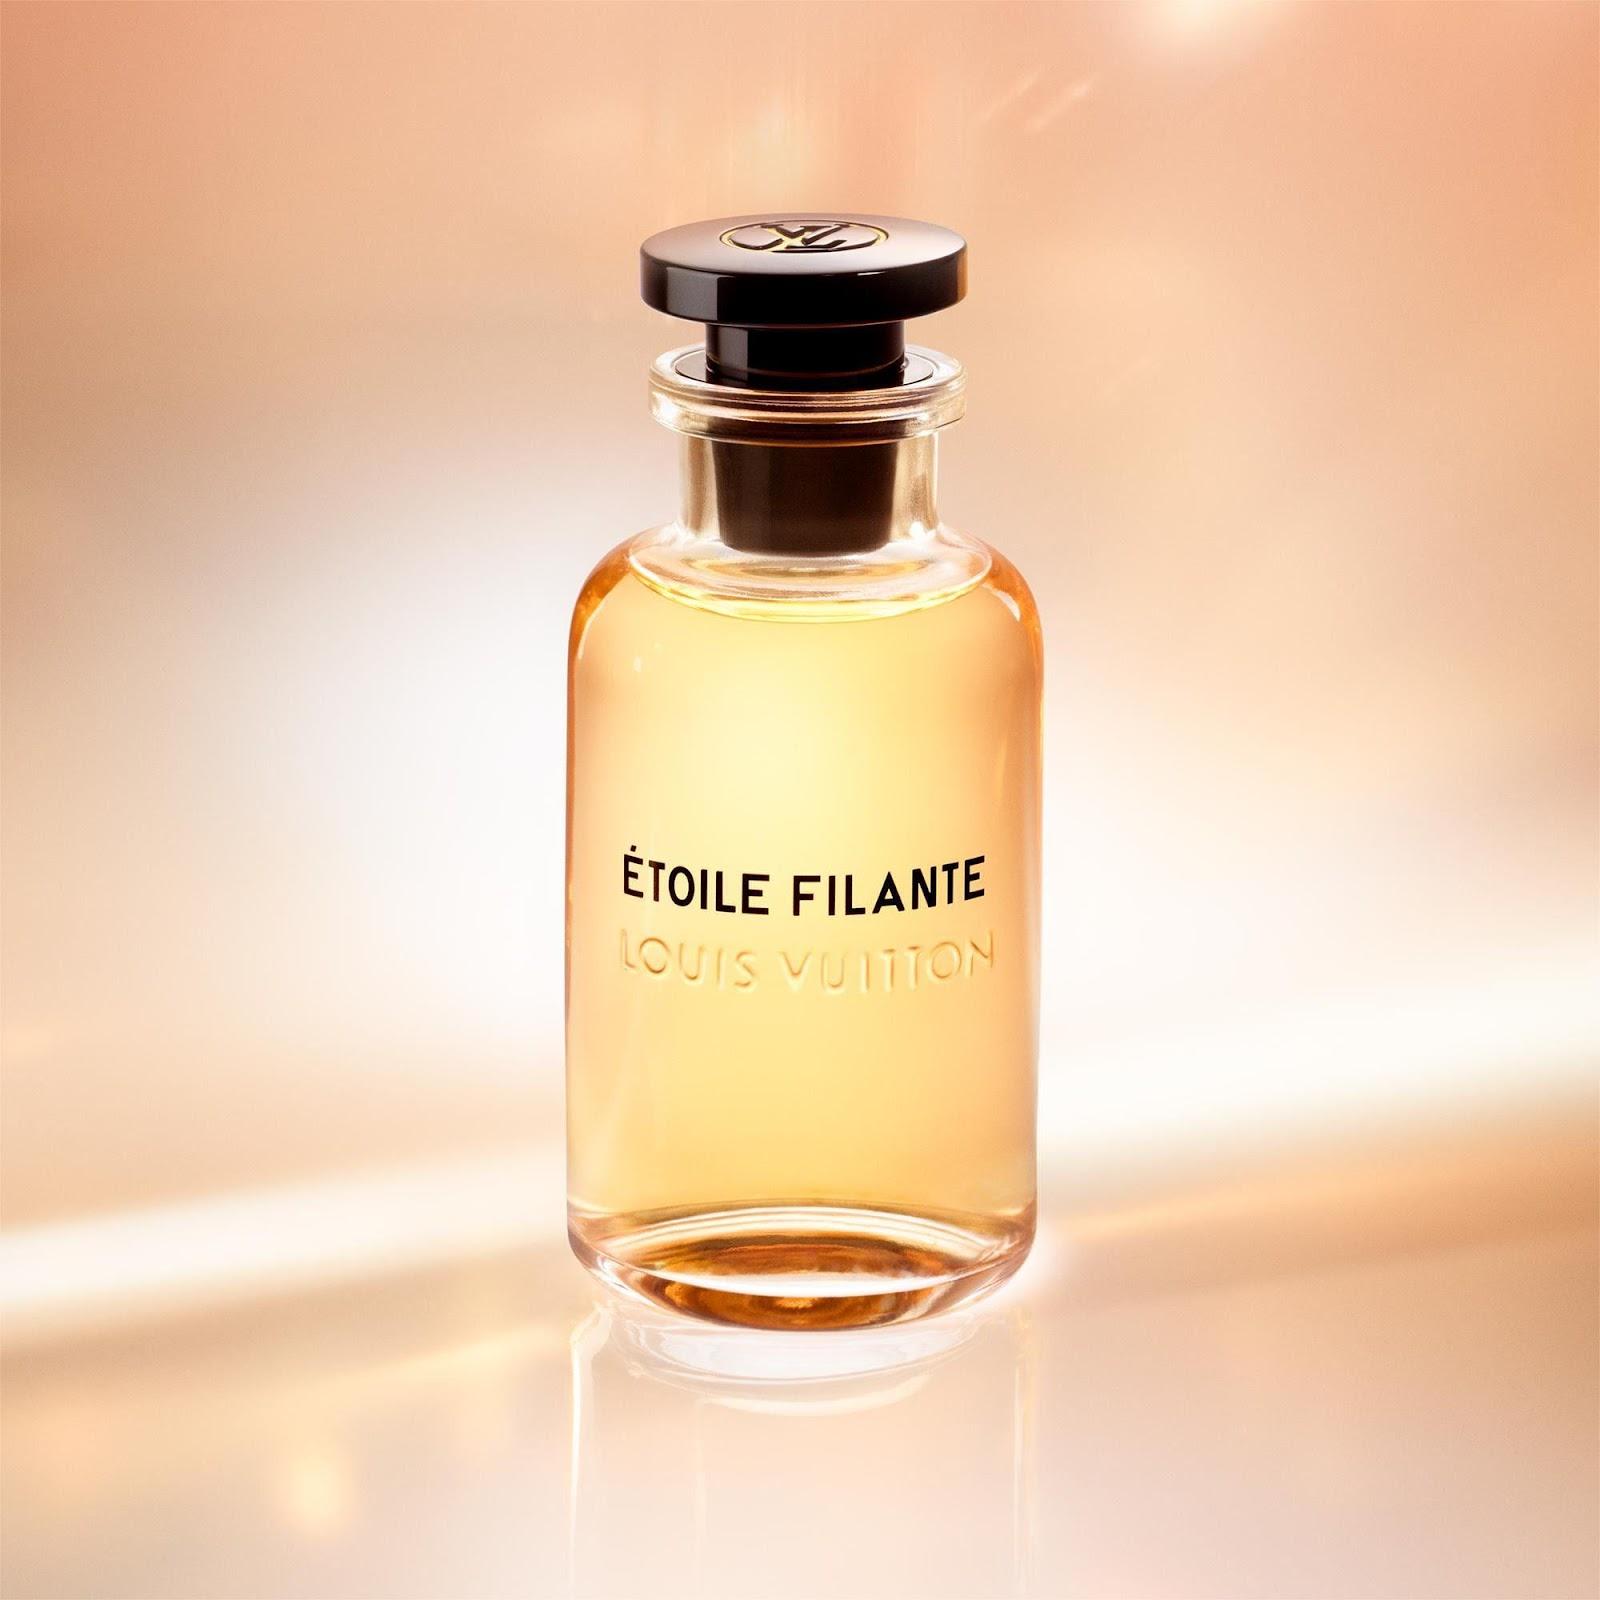 น้ำหอมกลิ่น Floral สำหรับคนเกลียดดอกไม้! จาก Louis Vuitton's  03